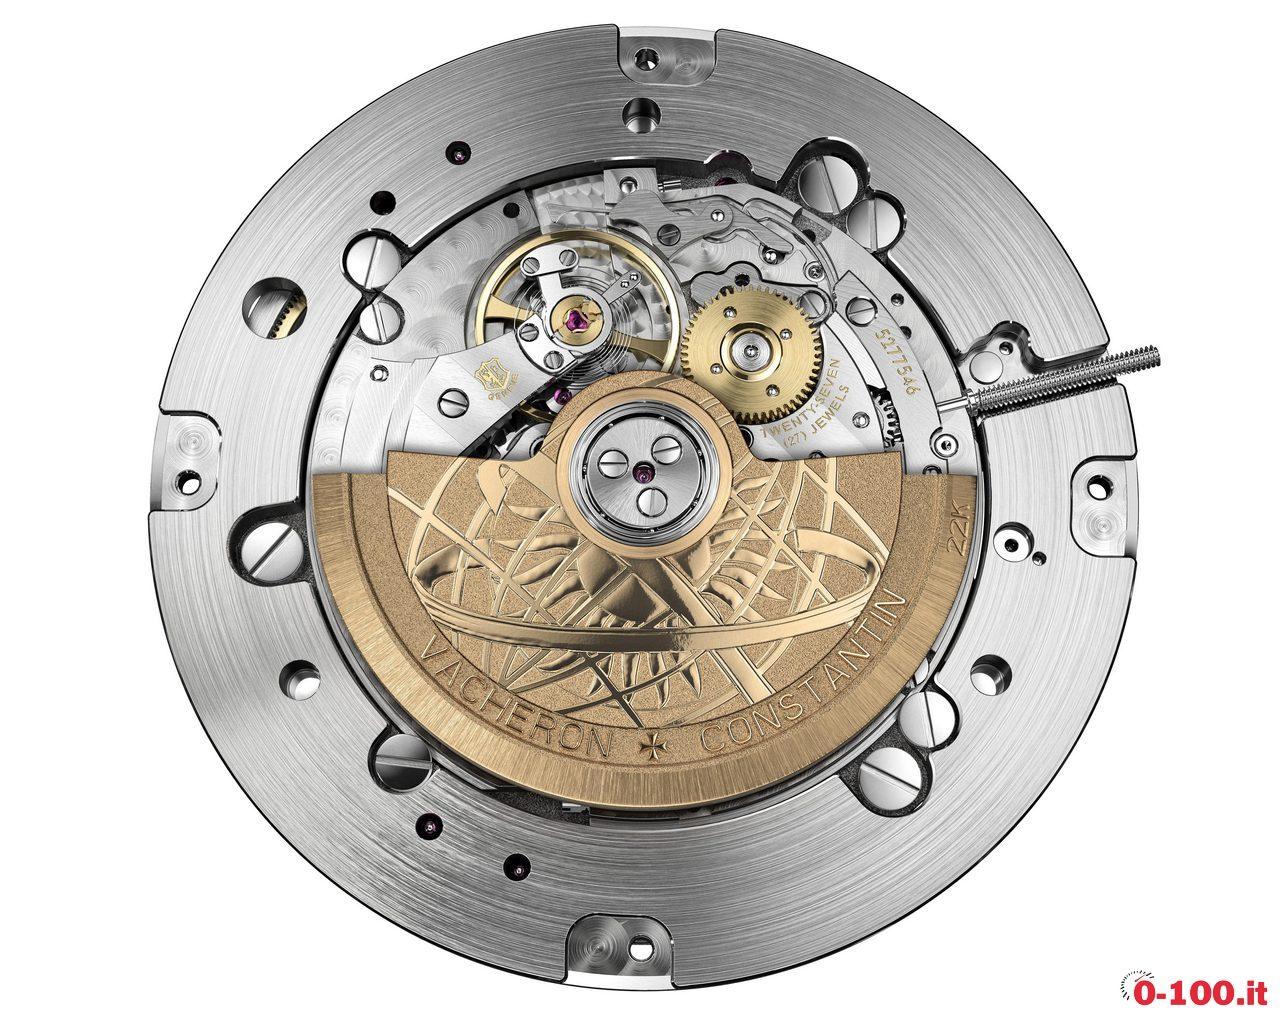 calibre 2460 RT Copernic verso